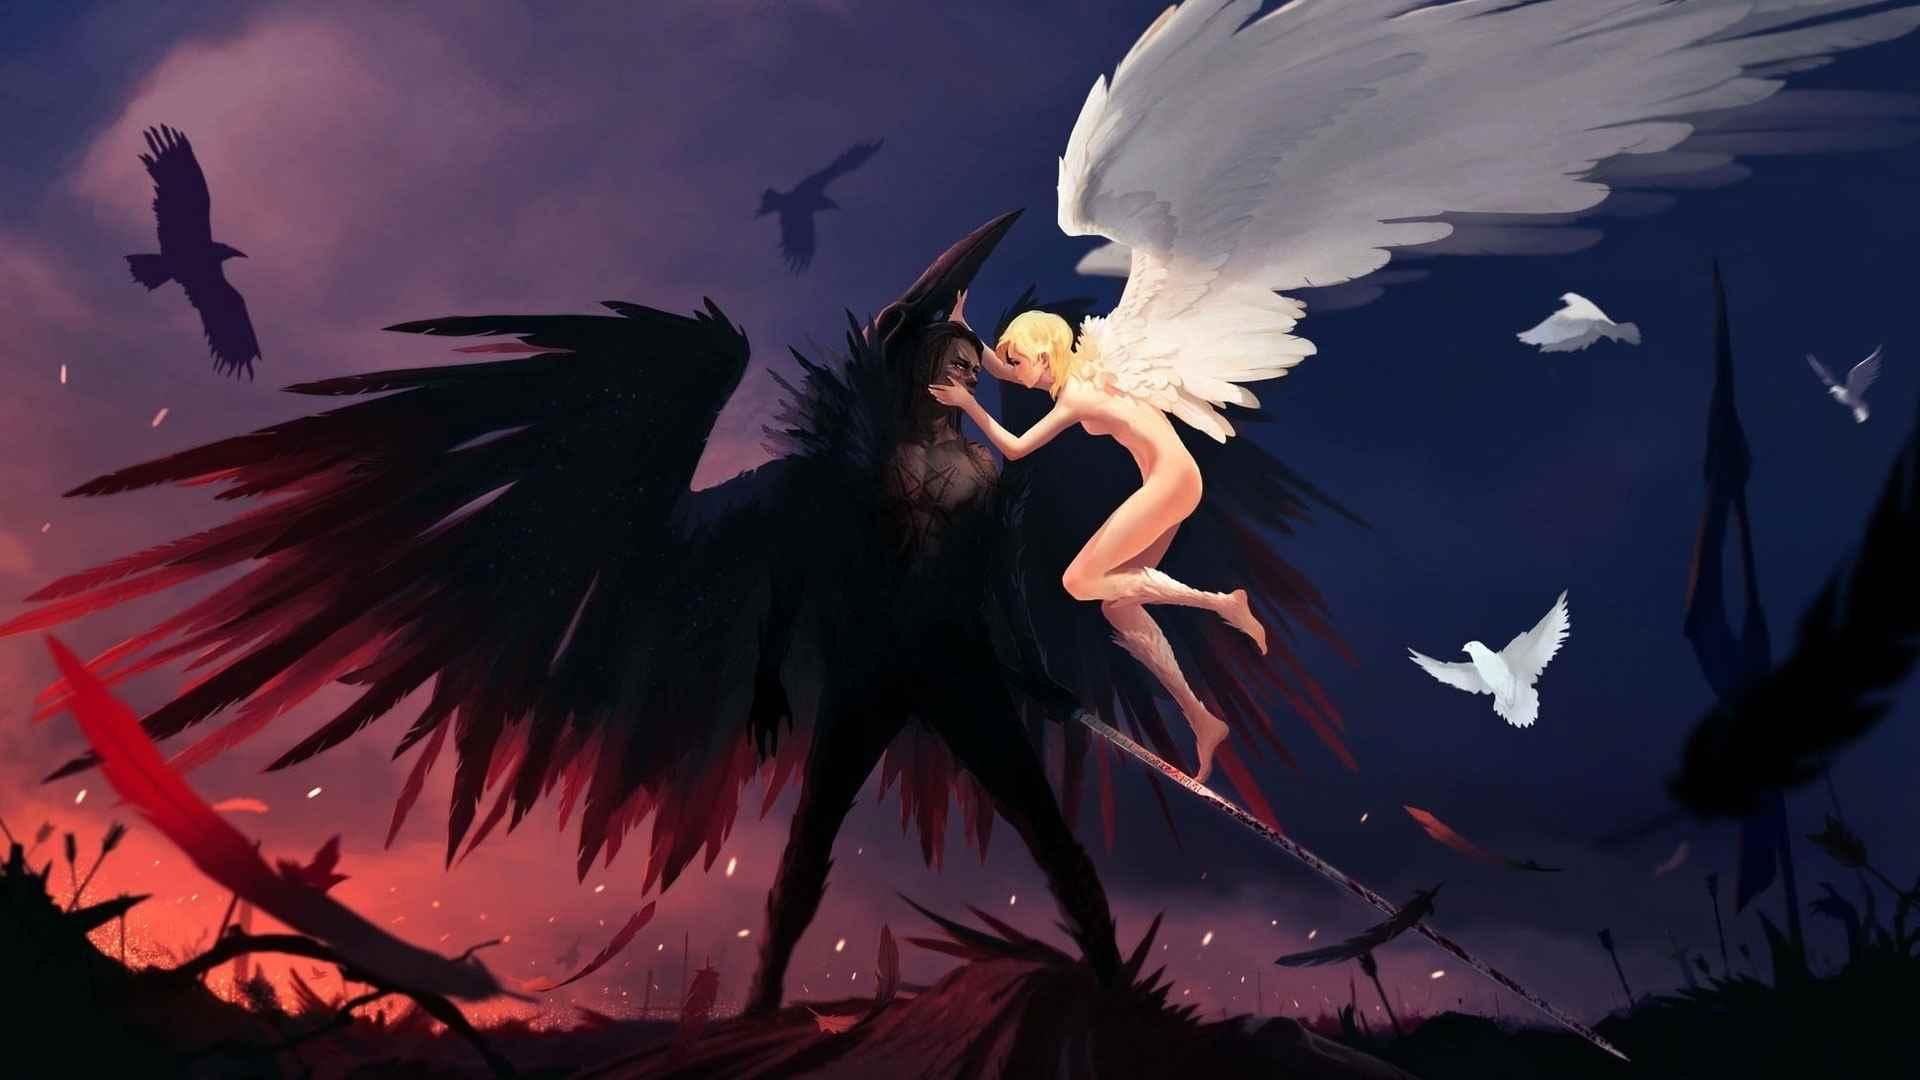 Красивые картинки аниме про демонов и любовь 04